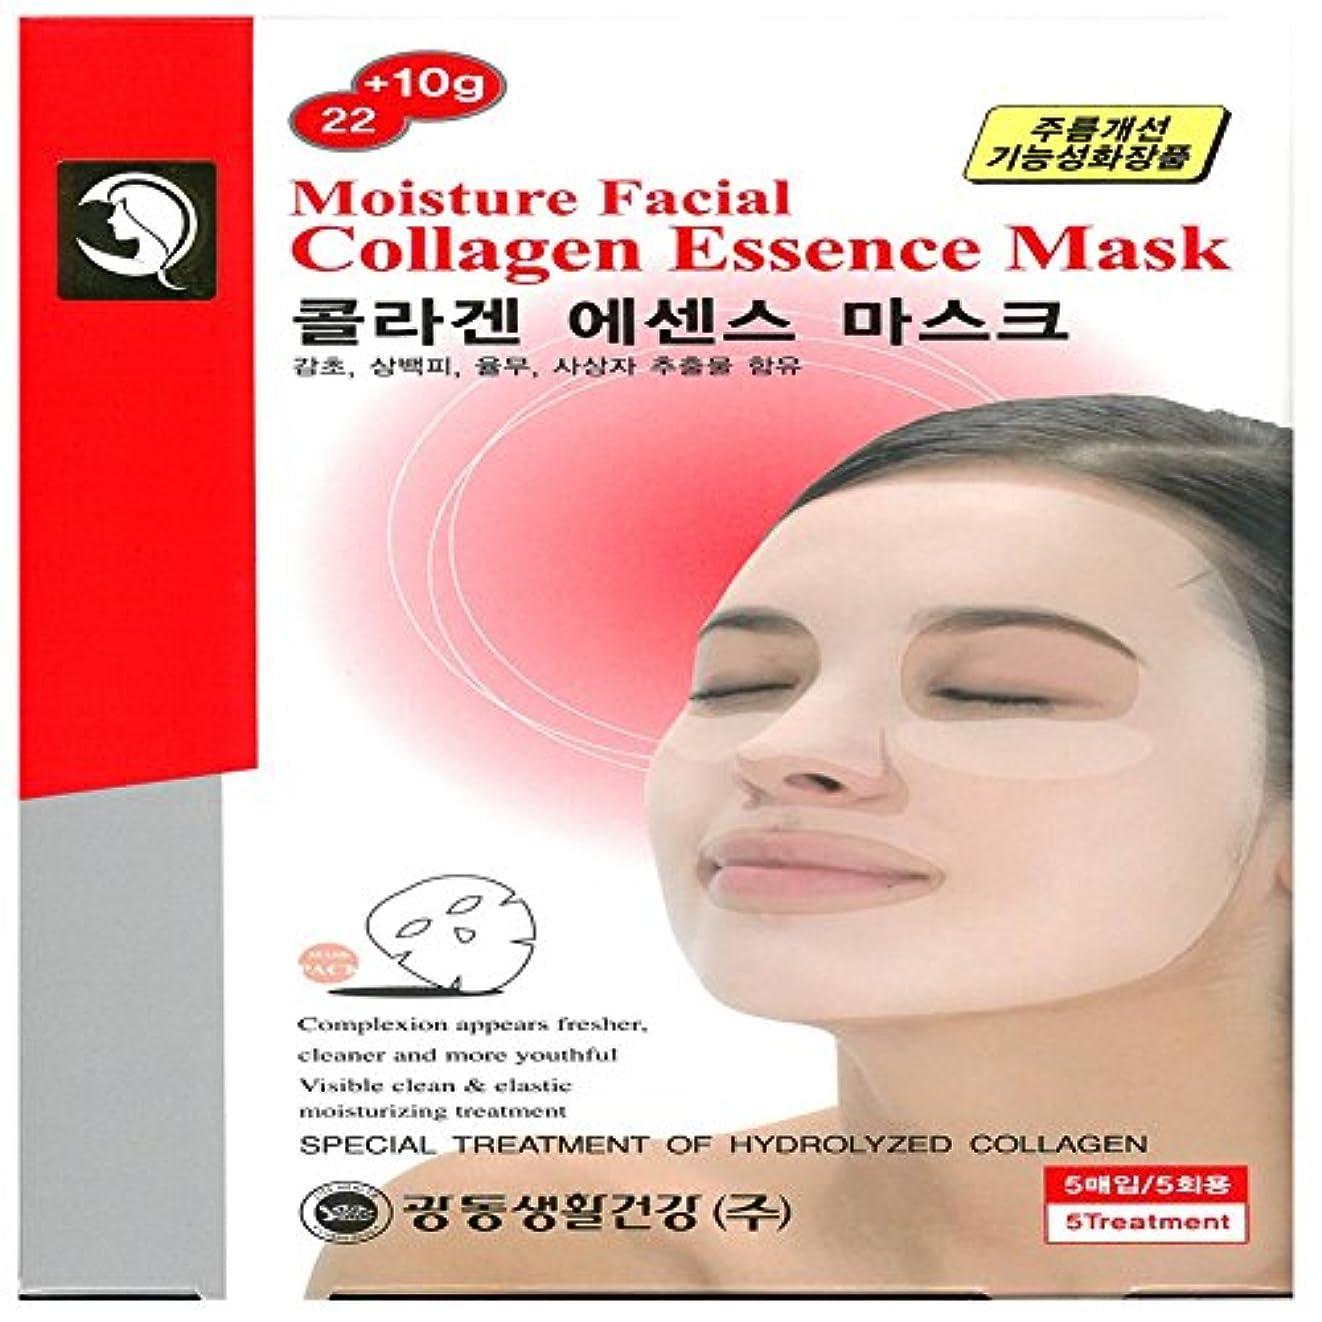 排他的技術愚かな[光東] kwangdong モイスチャーフェイシャルコラーゲンエッセンスマスク Moisture Facial Collagen Essence Mask 32gX5ea (海外直送品) [並行輸入品]